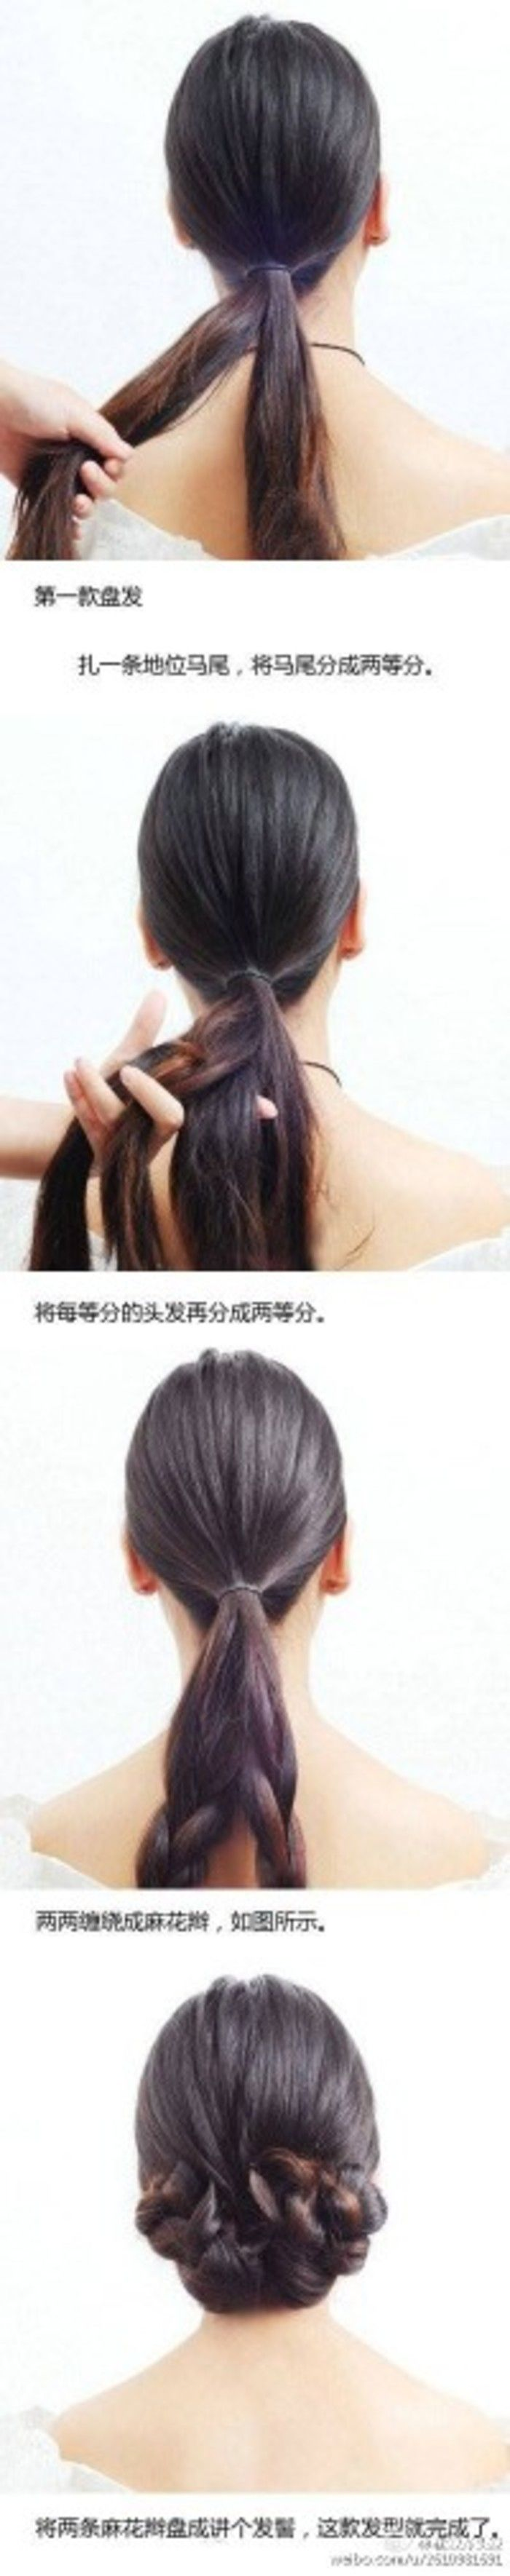 95 best Hair images on Pinterest